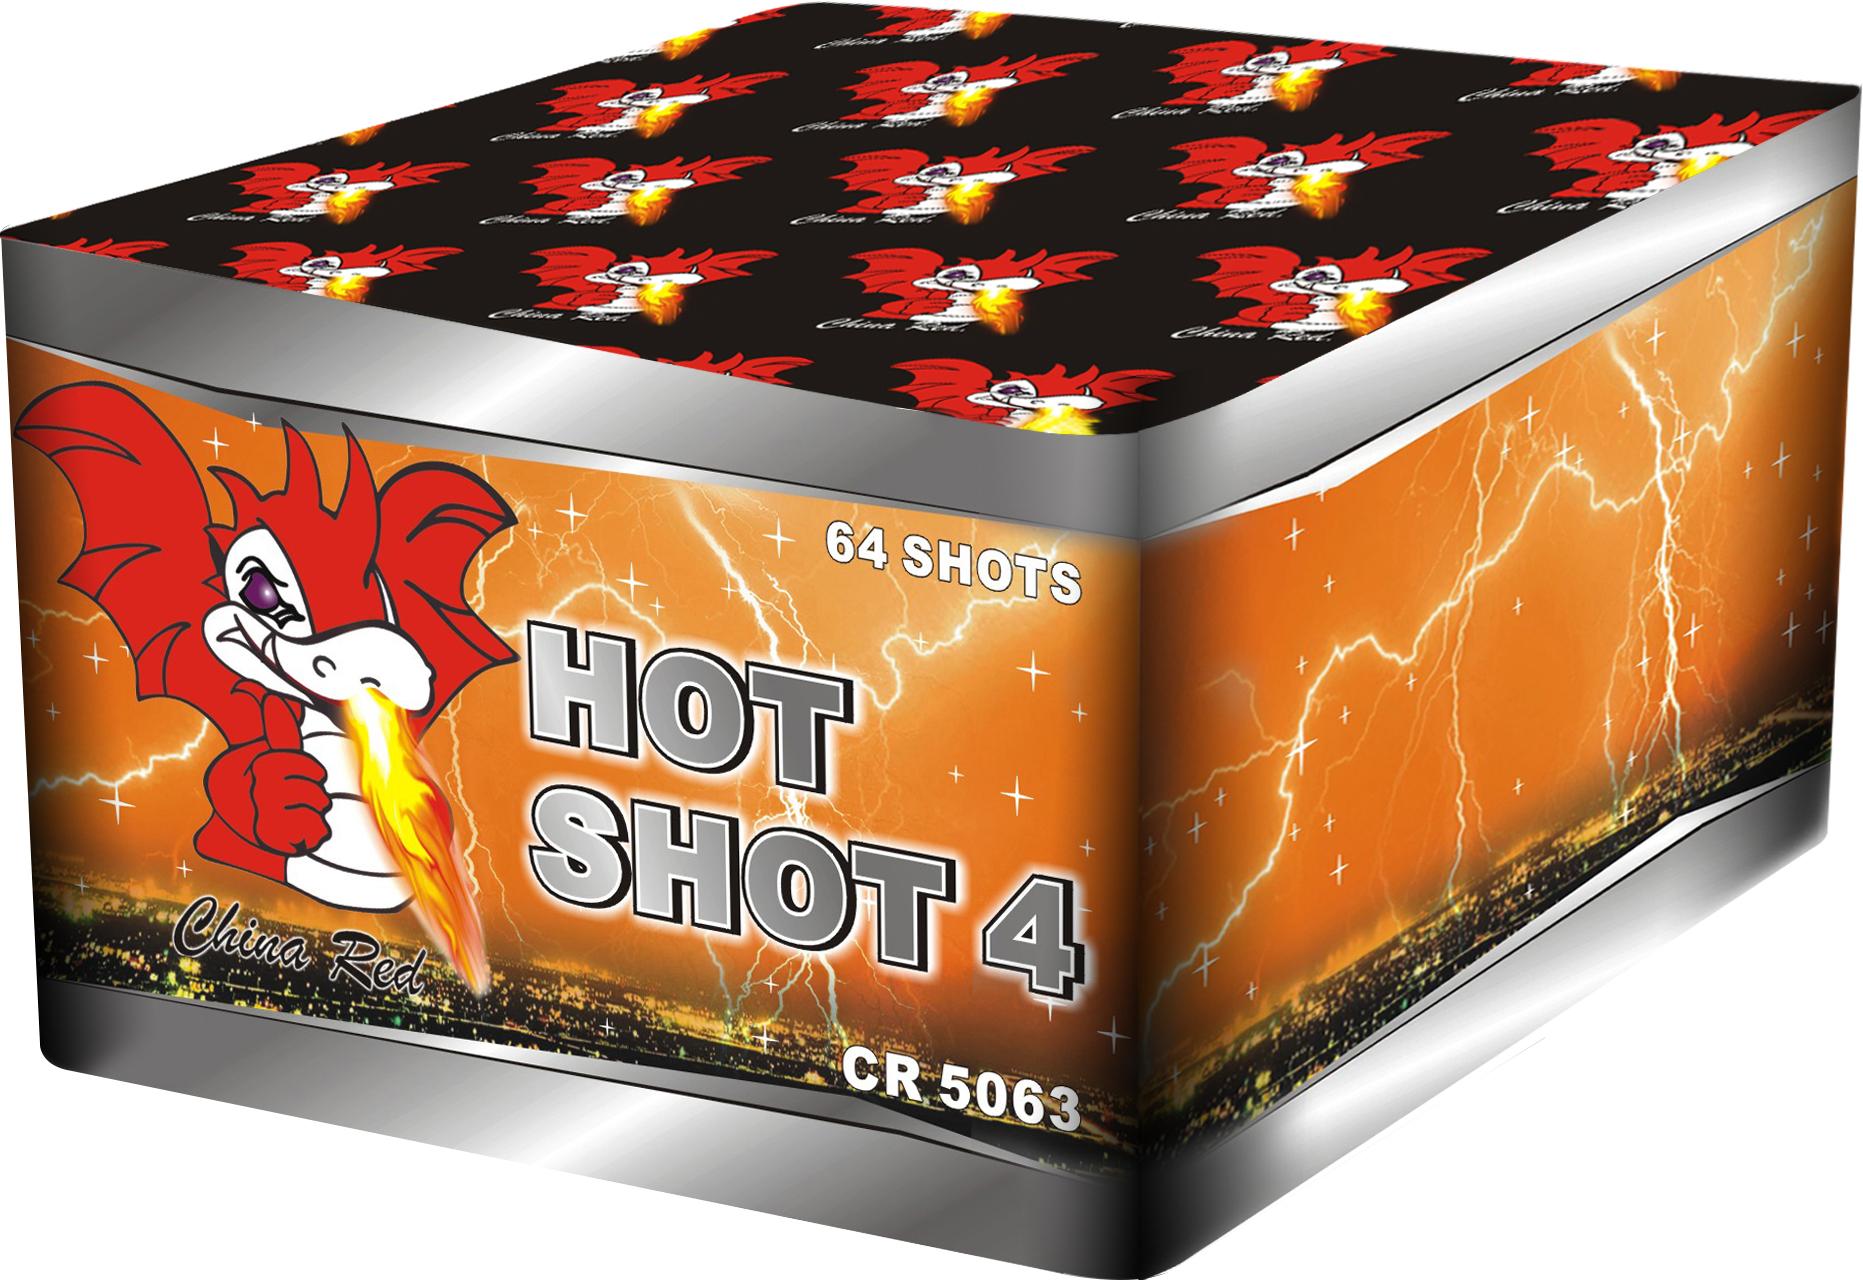 Hot Shot 4